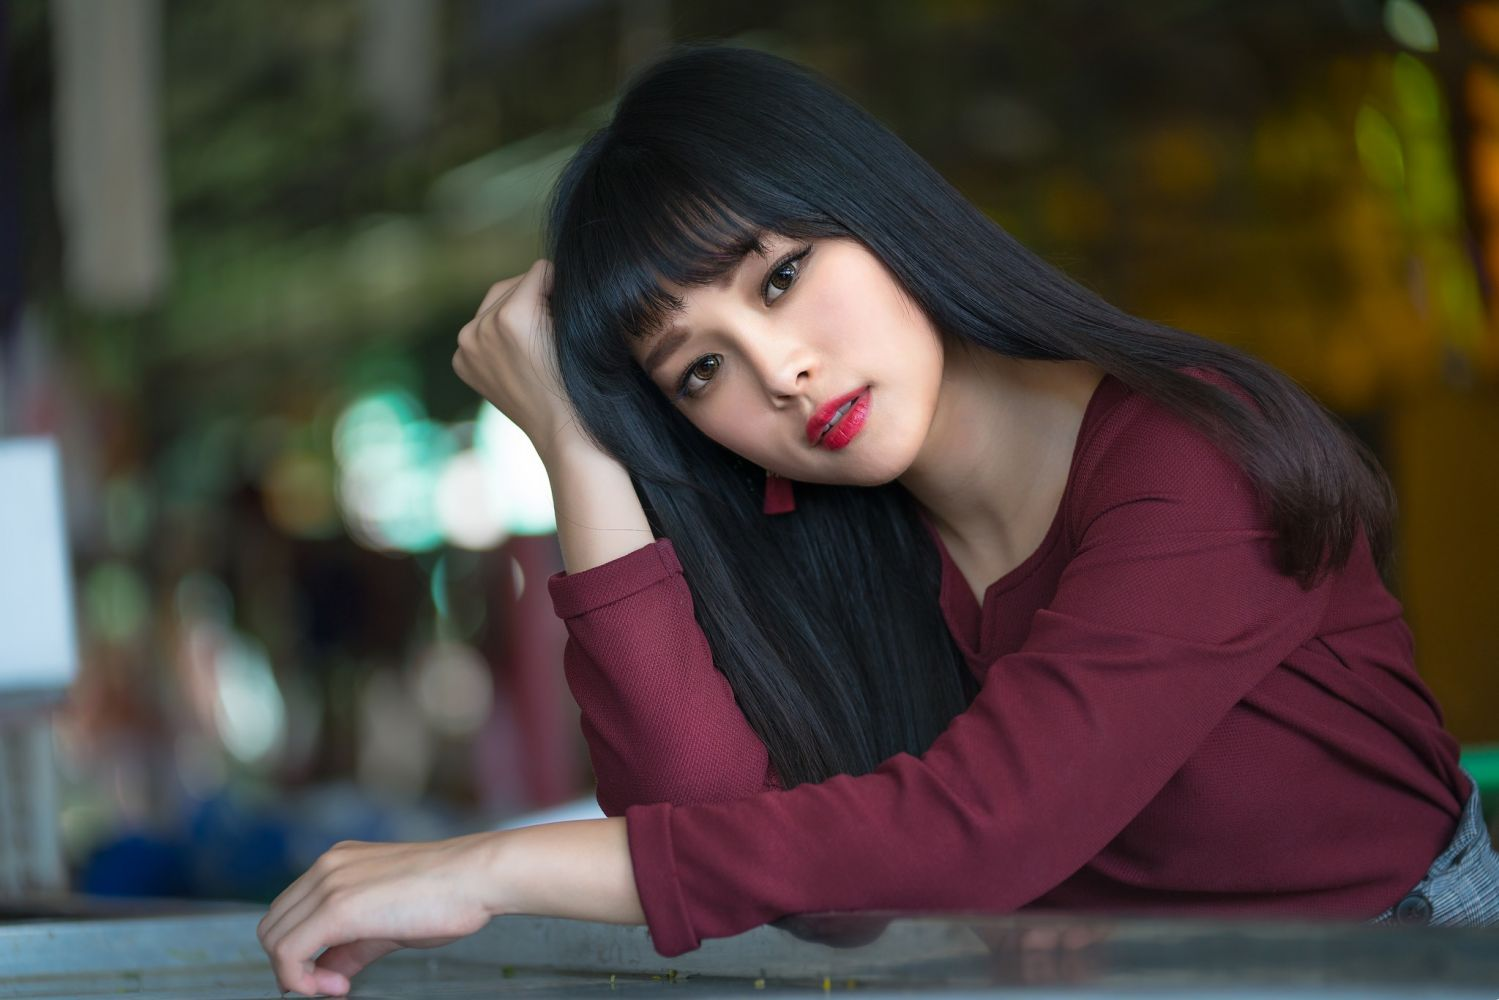 asian-model-chat-chubby-latina-tranny